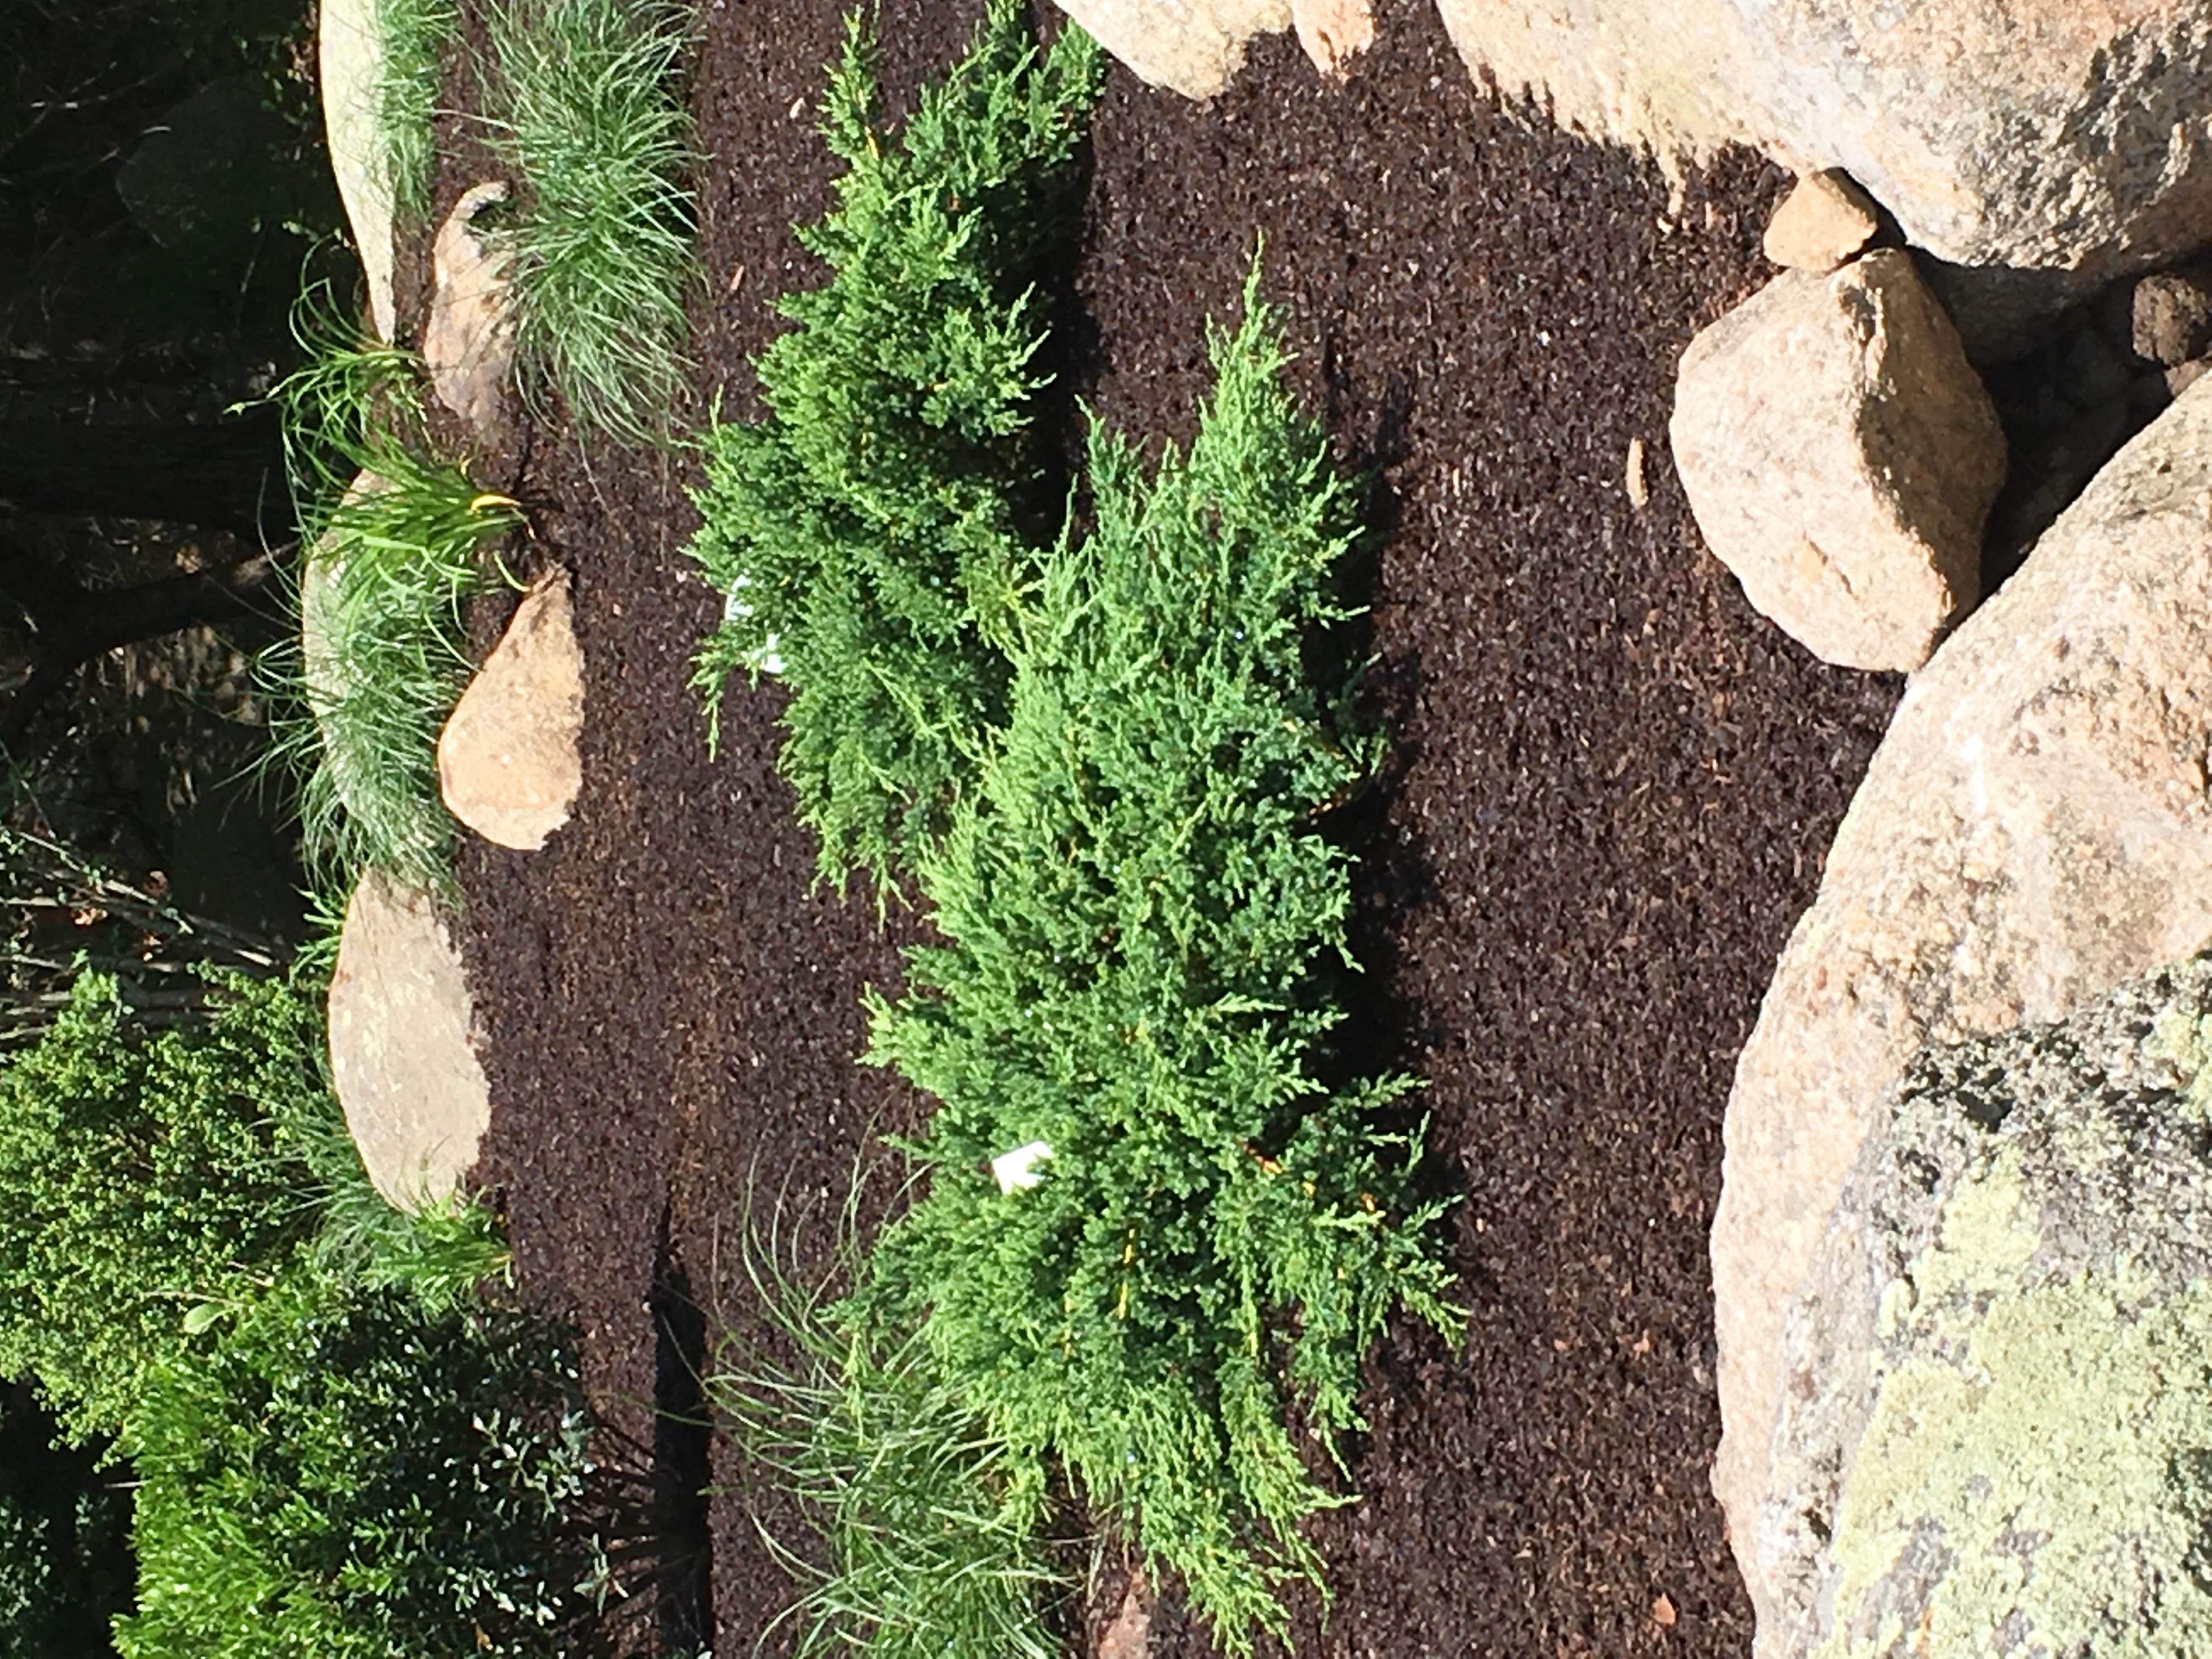 Naturalistic plantings